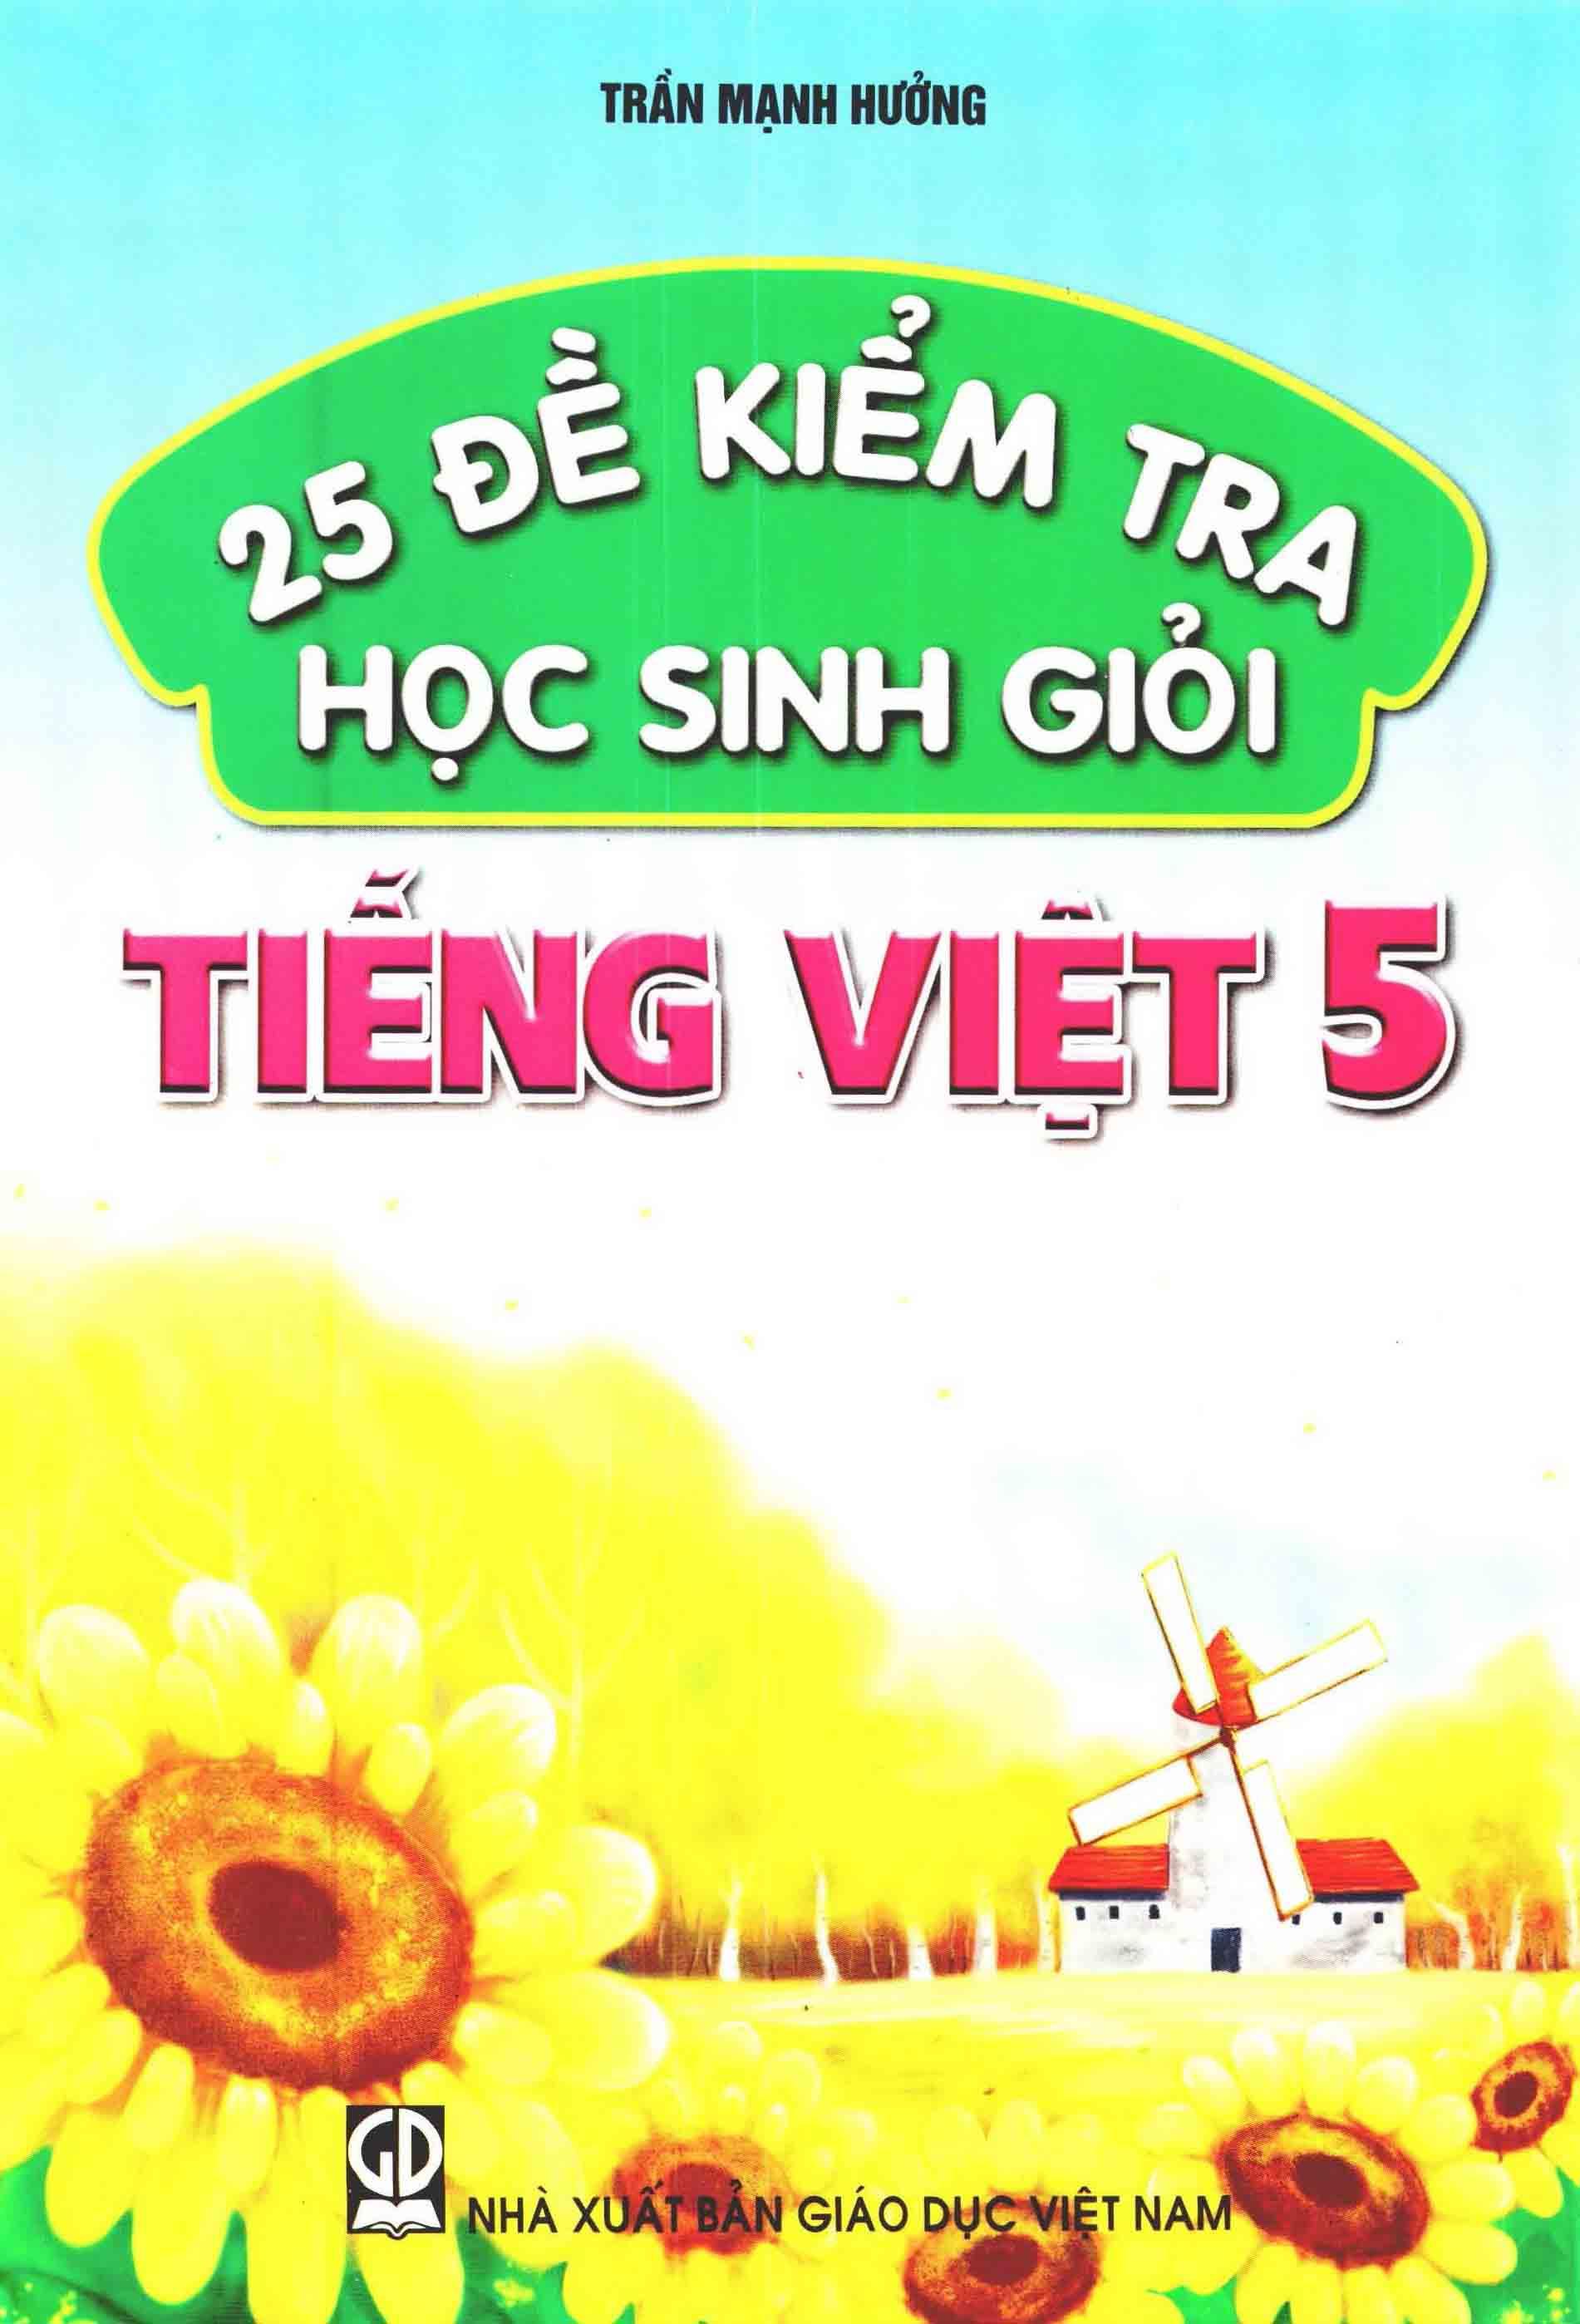 25 đề kiểm tra học sinh giỏi Tiếng Việt 5